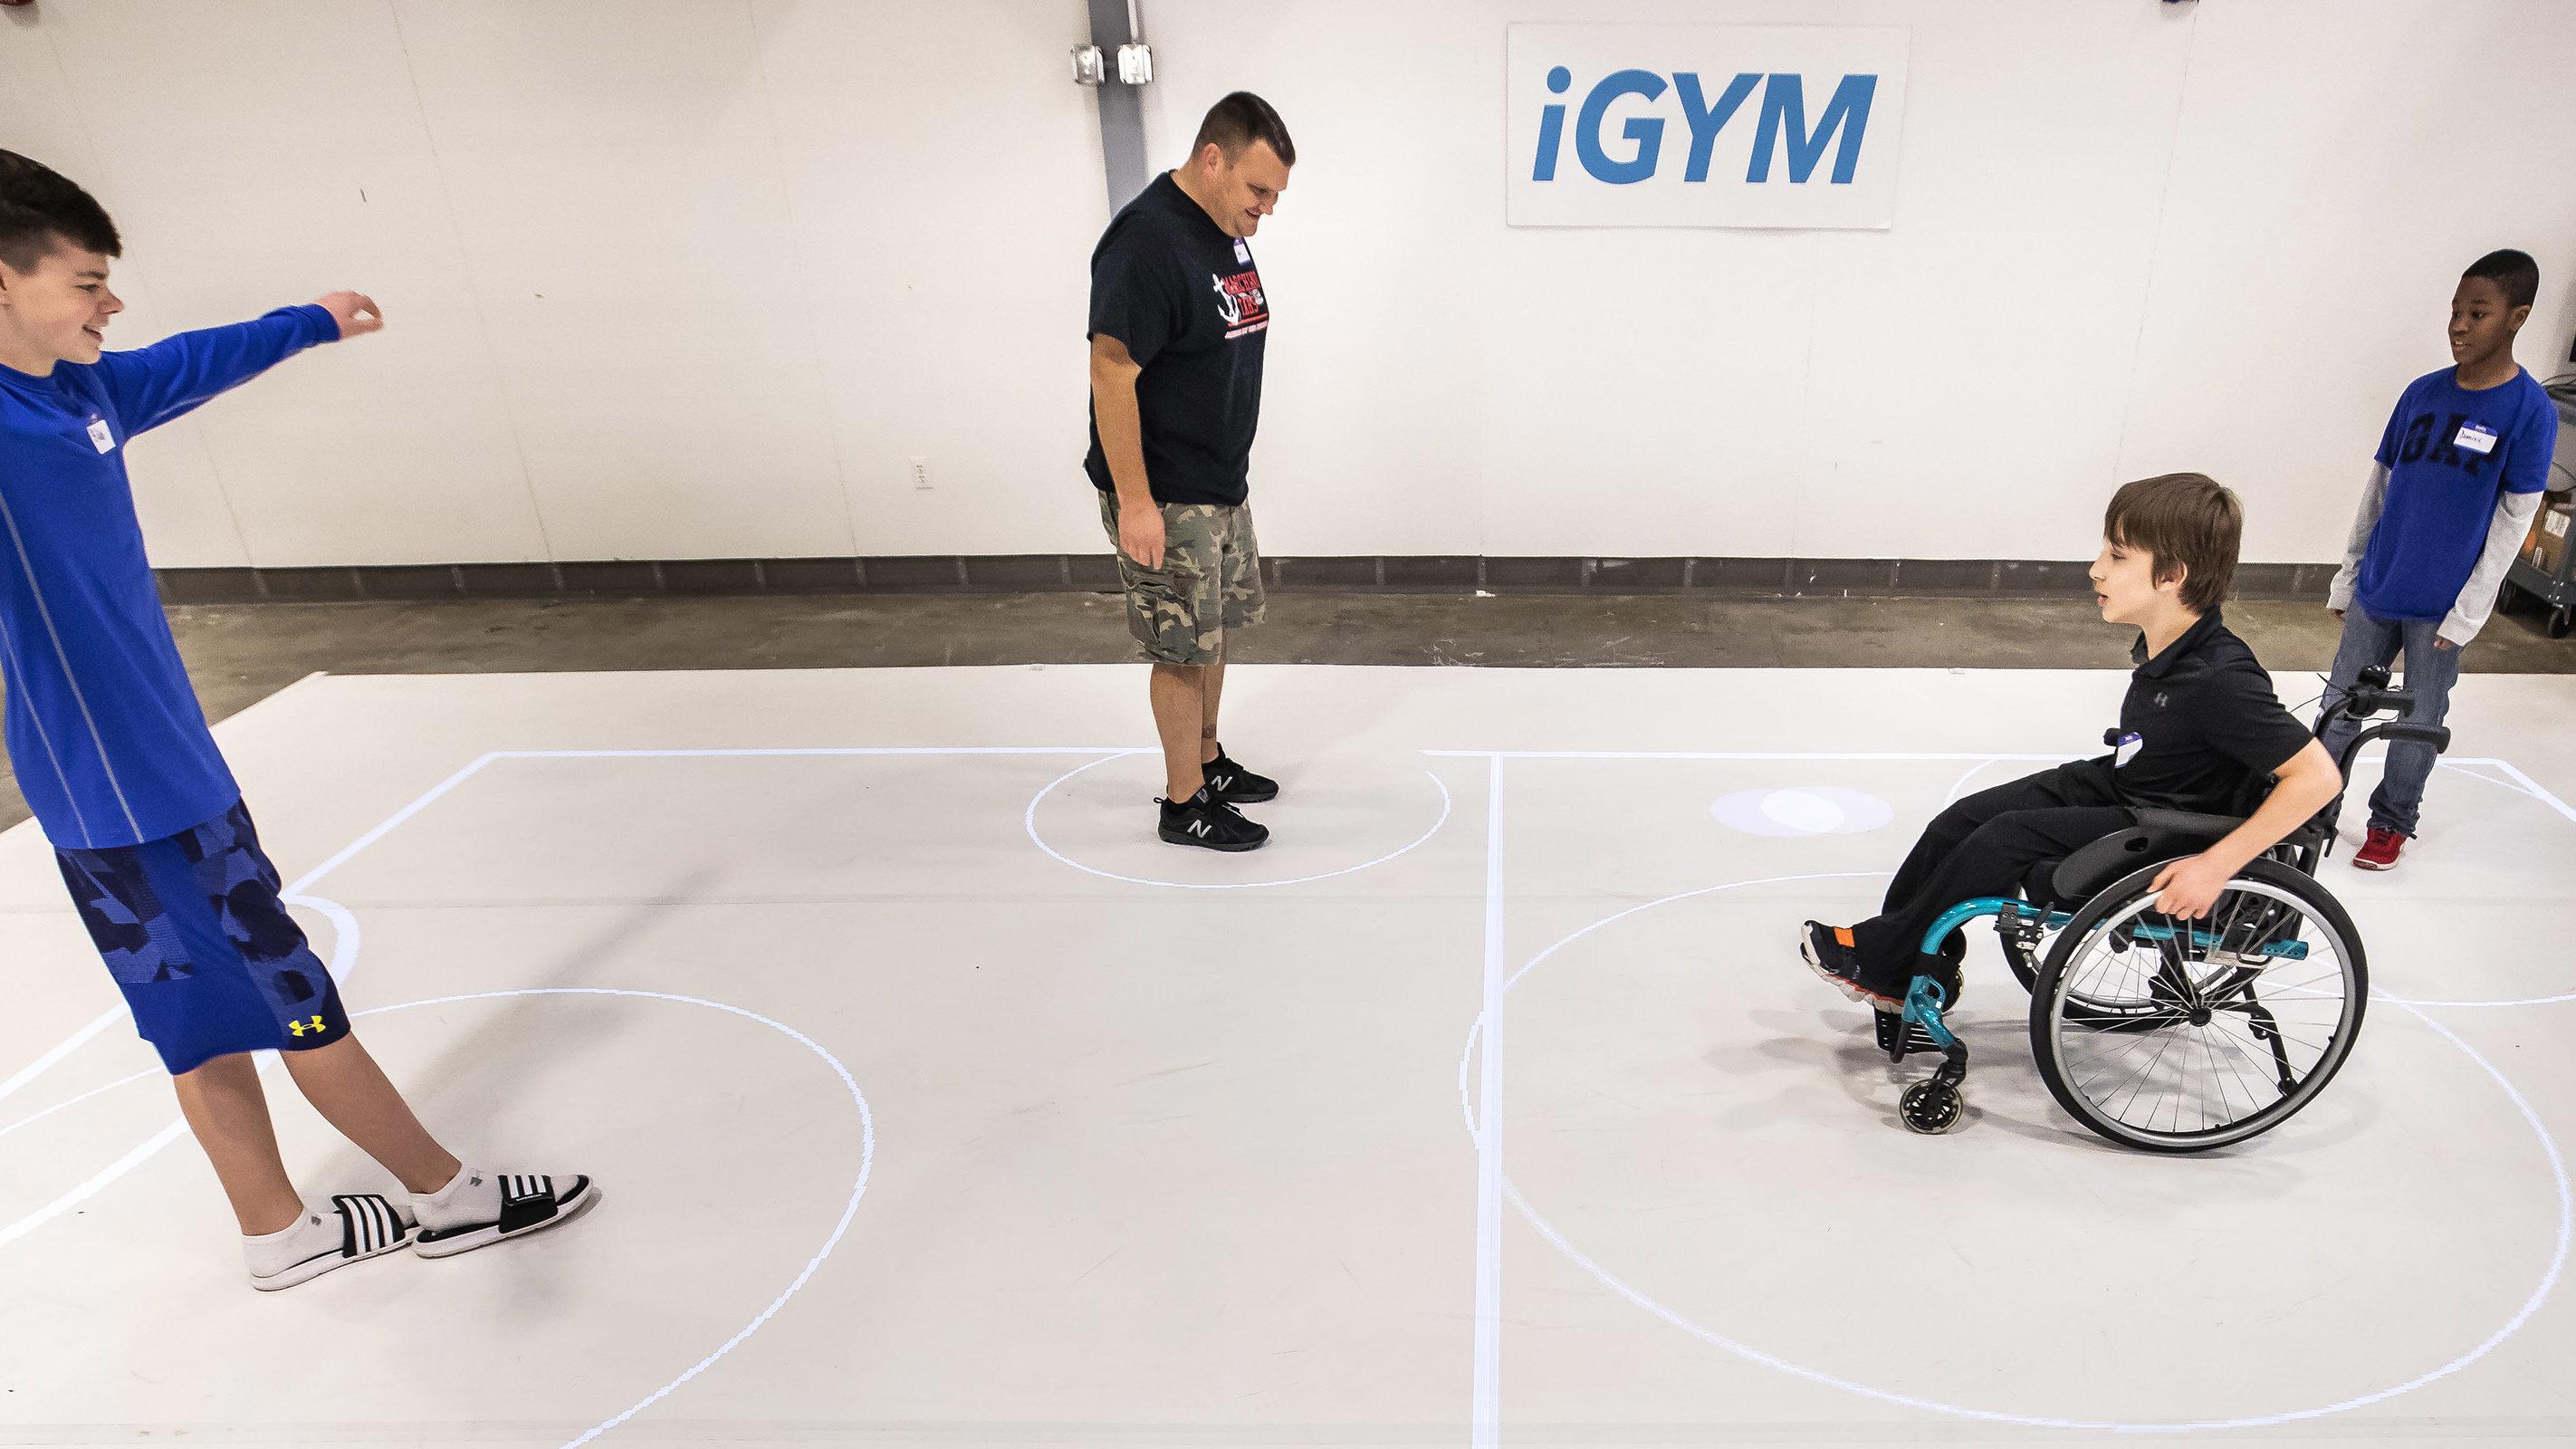 Various participants test out iGYM